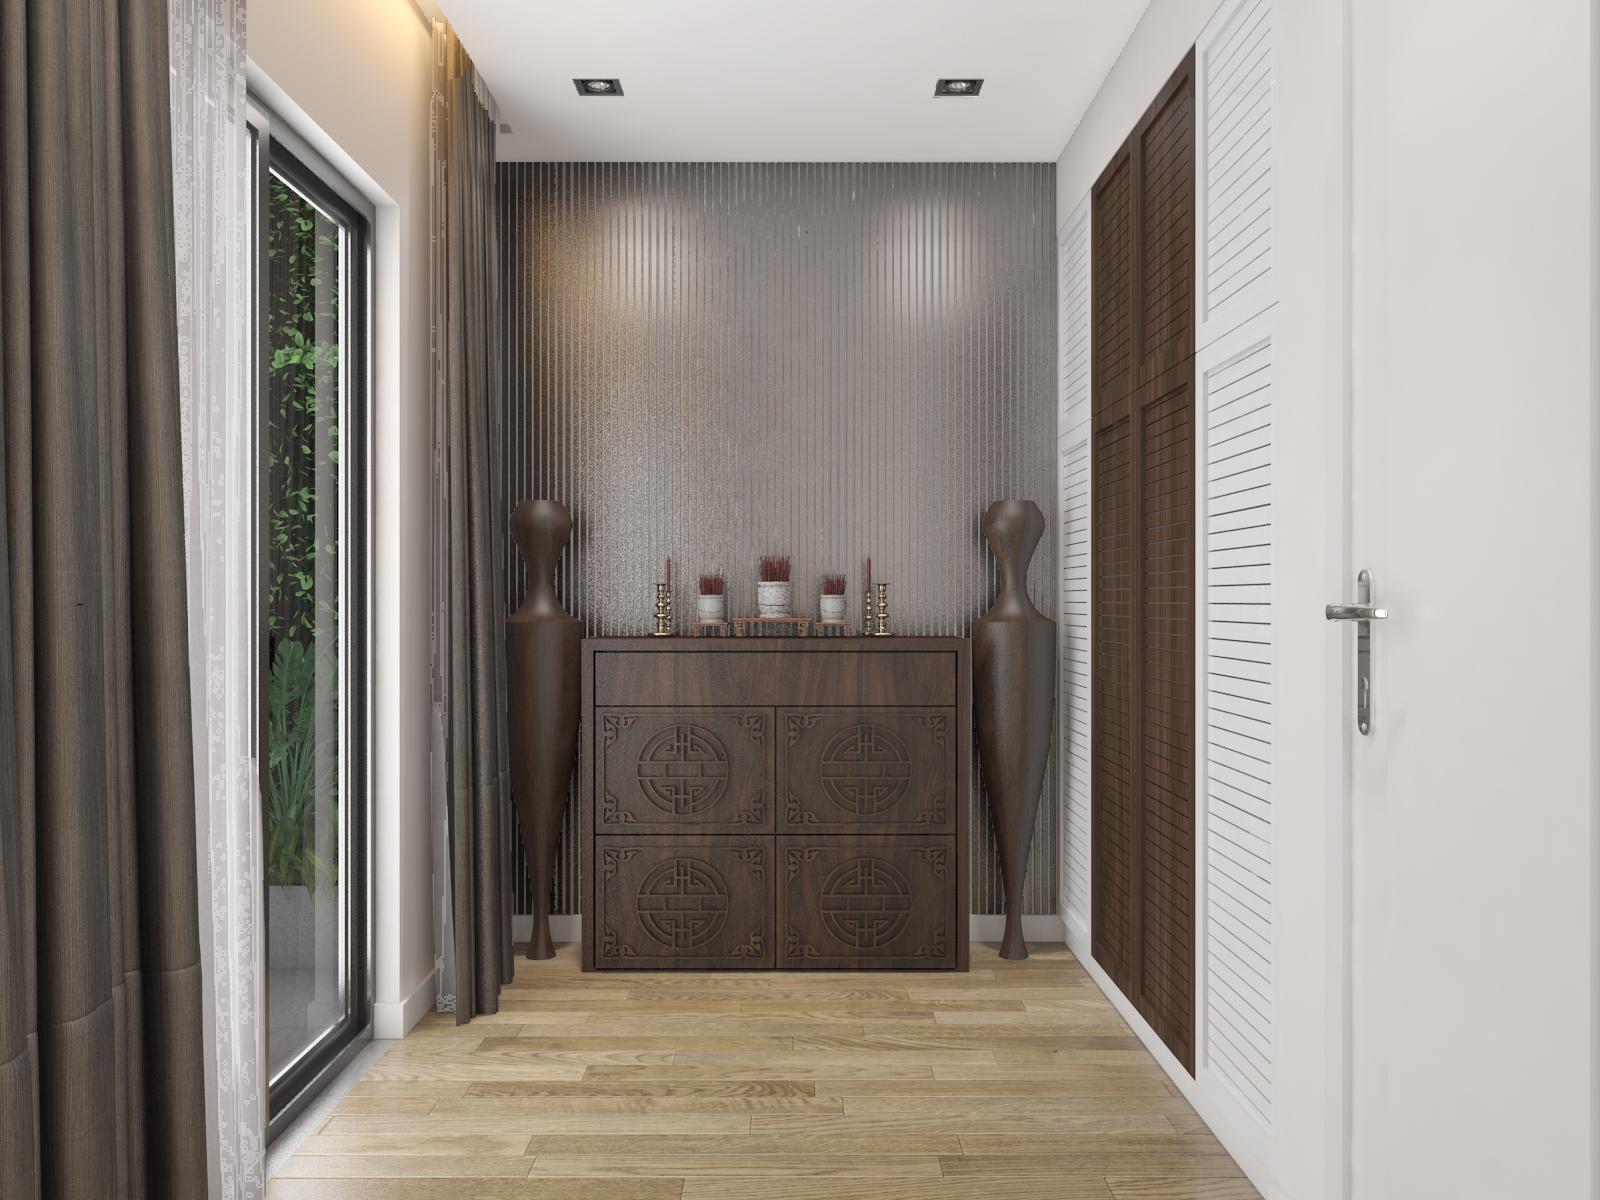 thiết kế nội thất Biệt Thự tại Hà Nội bt Vinhomes - riverside 38 1568085366